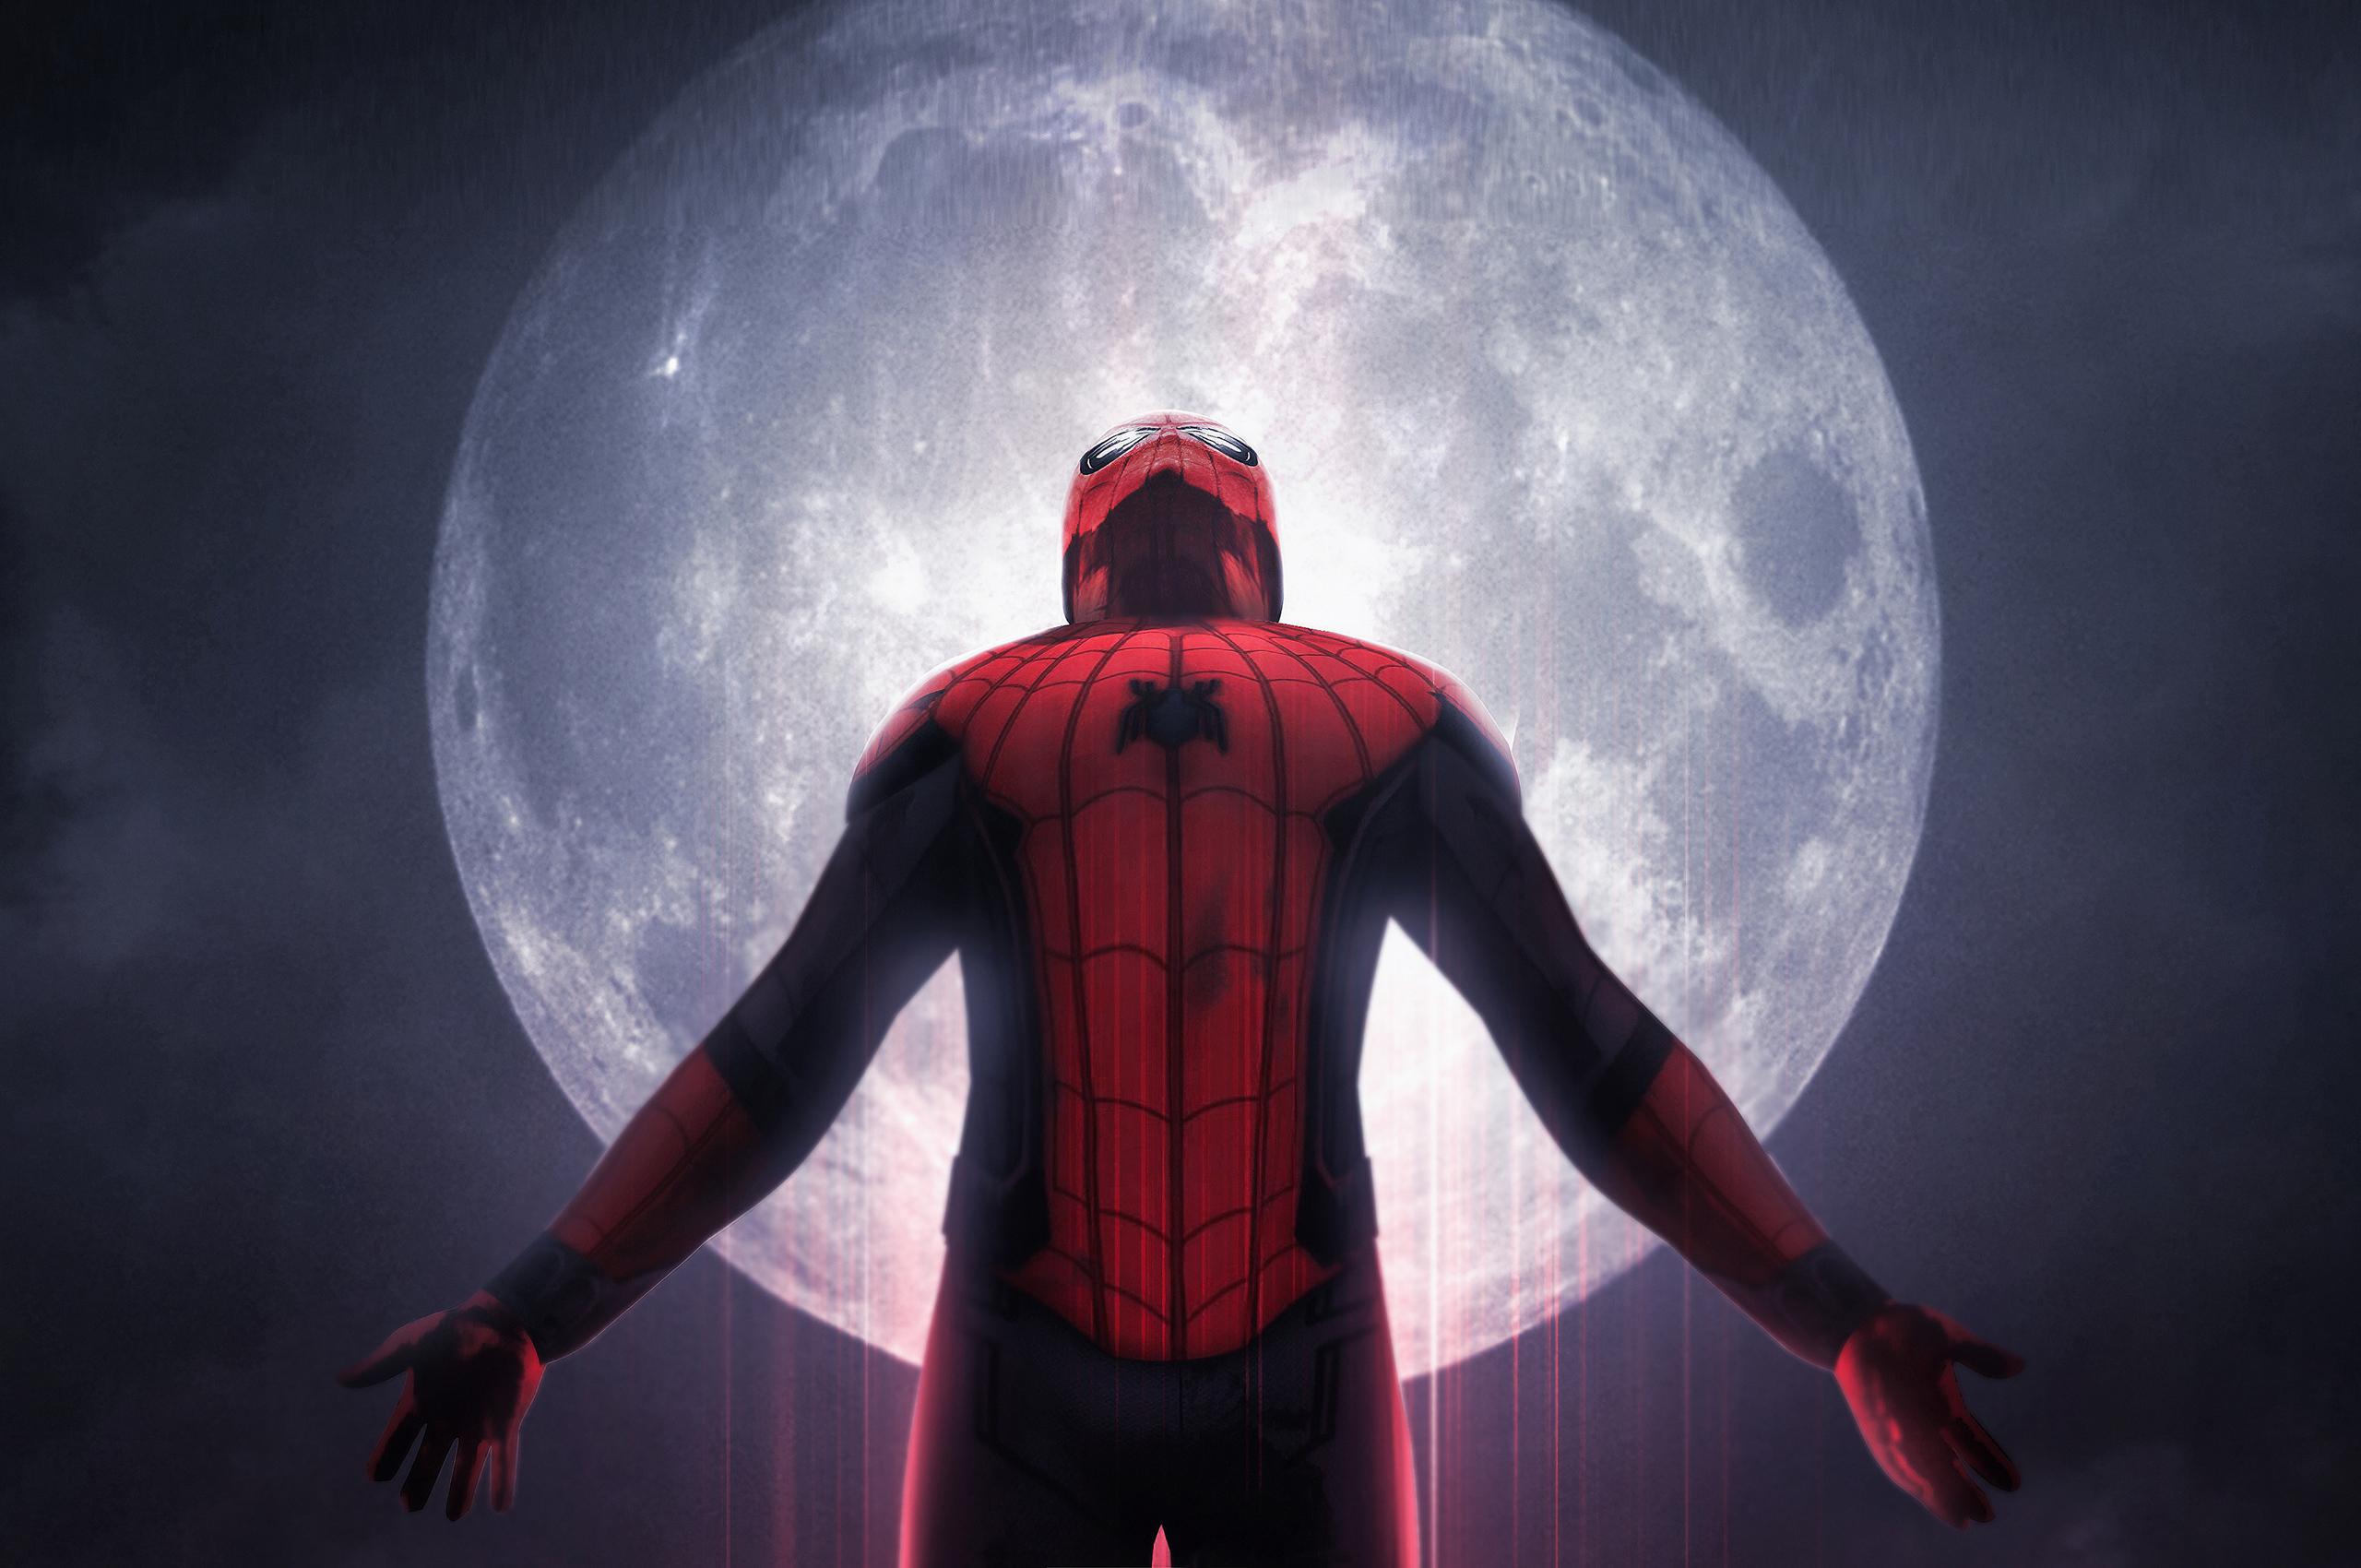 spiderman-far-from-home-art-4k-7g.jpg